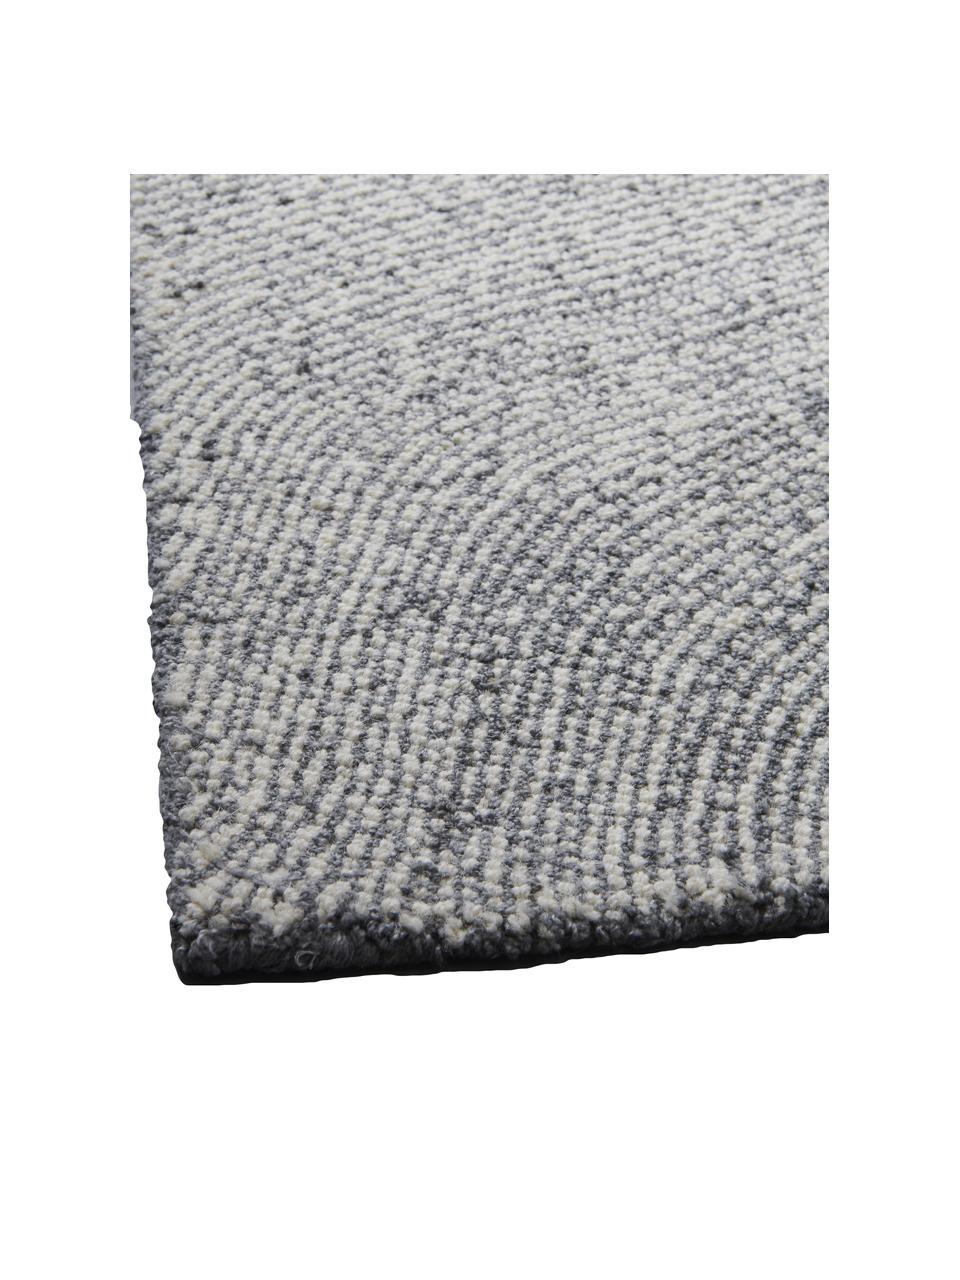 Tappeto tessuto a mano con motivo ondulato Canyon, 51% poliestere, 49% lana, Grigio, Larg. 200 x Lung. 300 cm (taglia L)